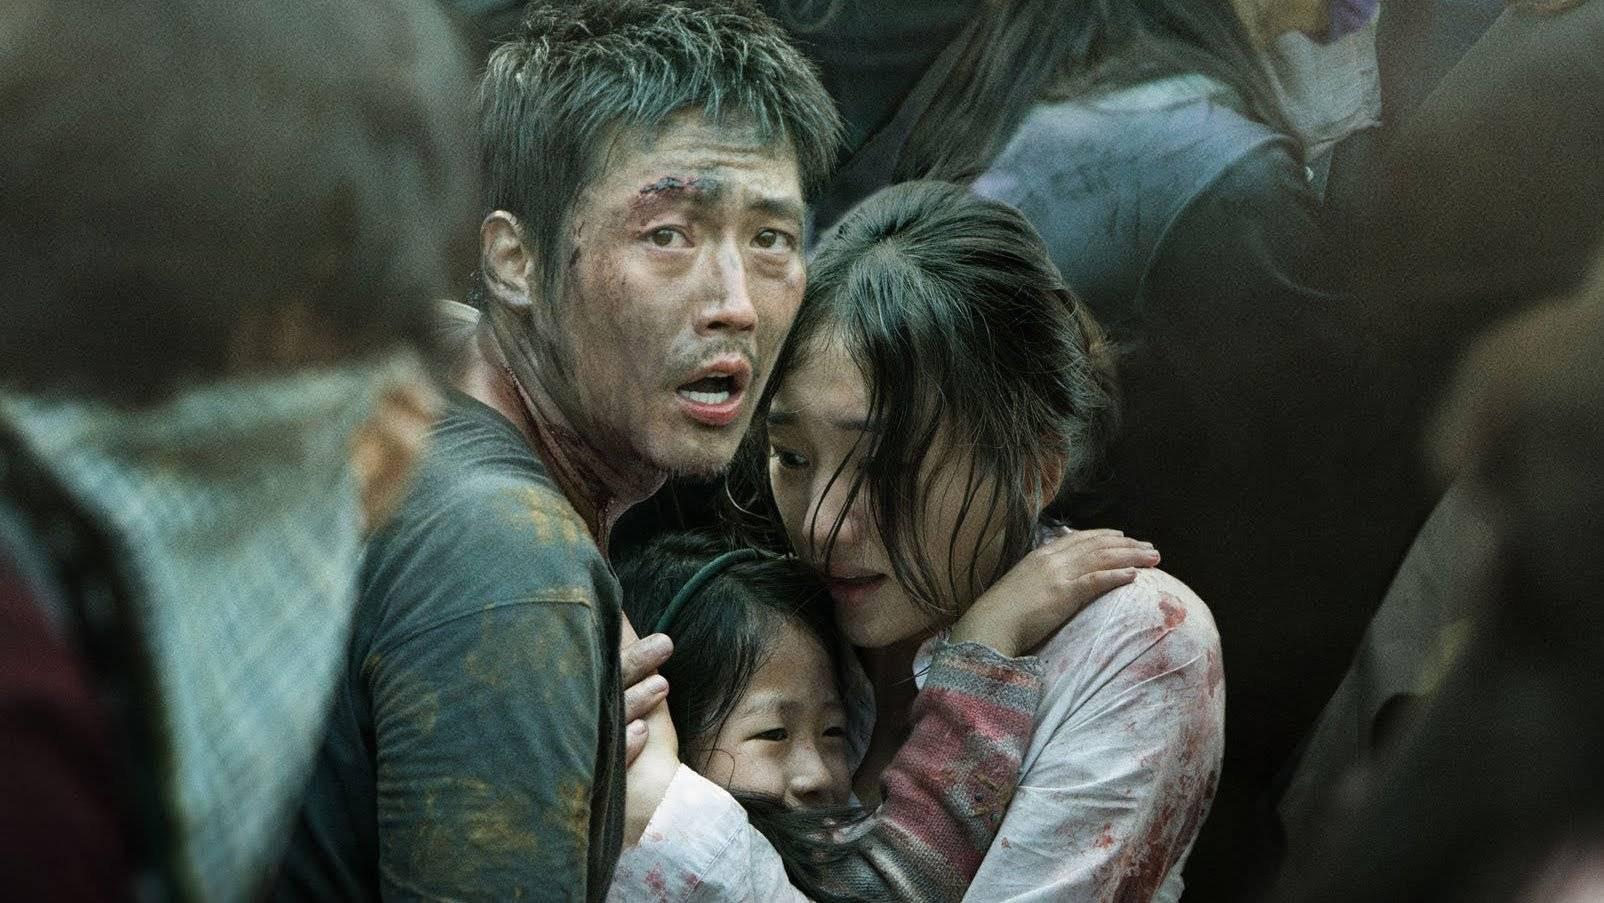 Đừng tự nhận là mọt phim nếu không nhận ra được sự khác biệt giữa nền điện ảnh Hàn và Mĩ! - Ảnh 6.